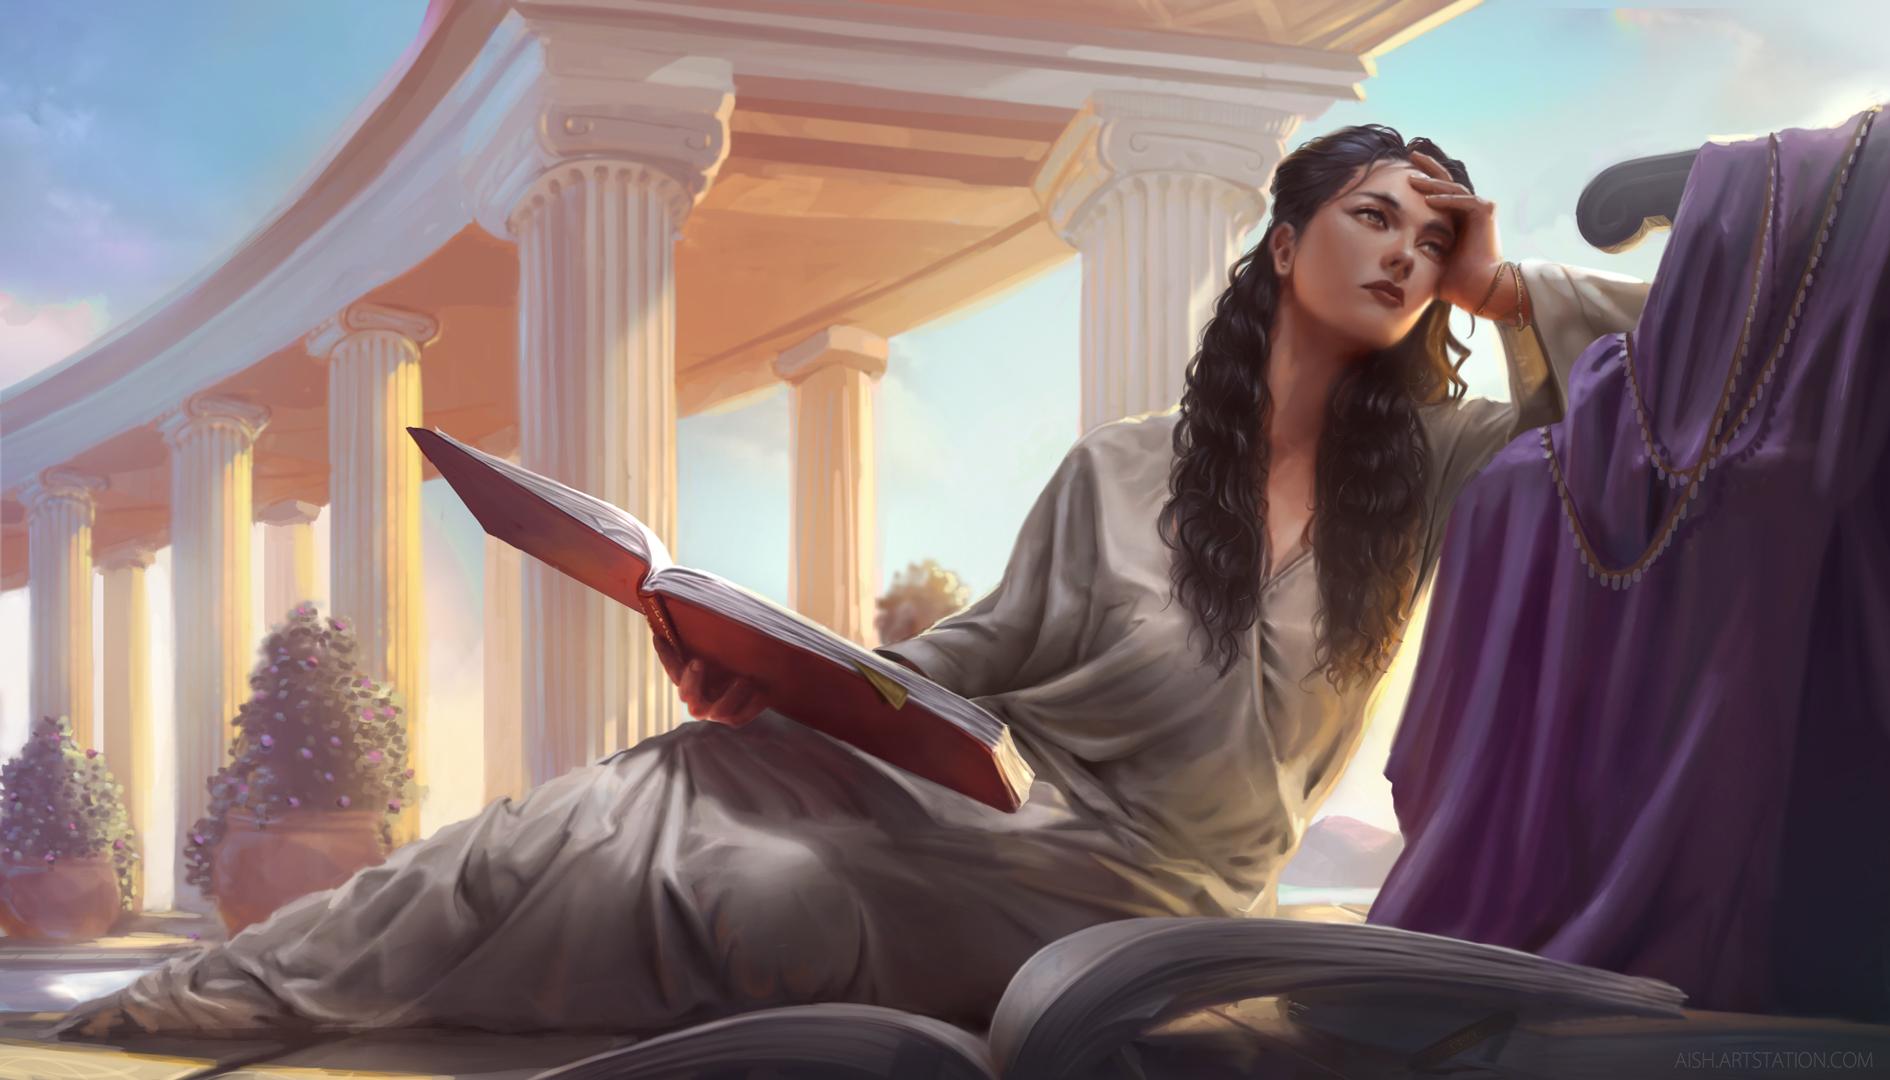 Artist:  Jessica Aumaitre  Sourced:  http://bit.ly/2DdE0w8